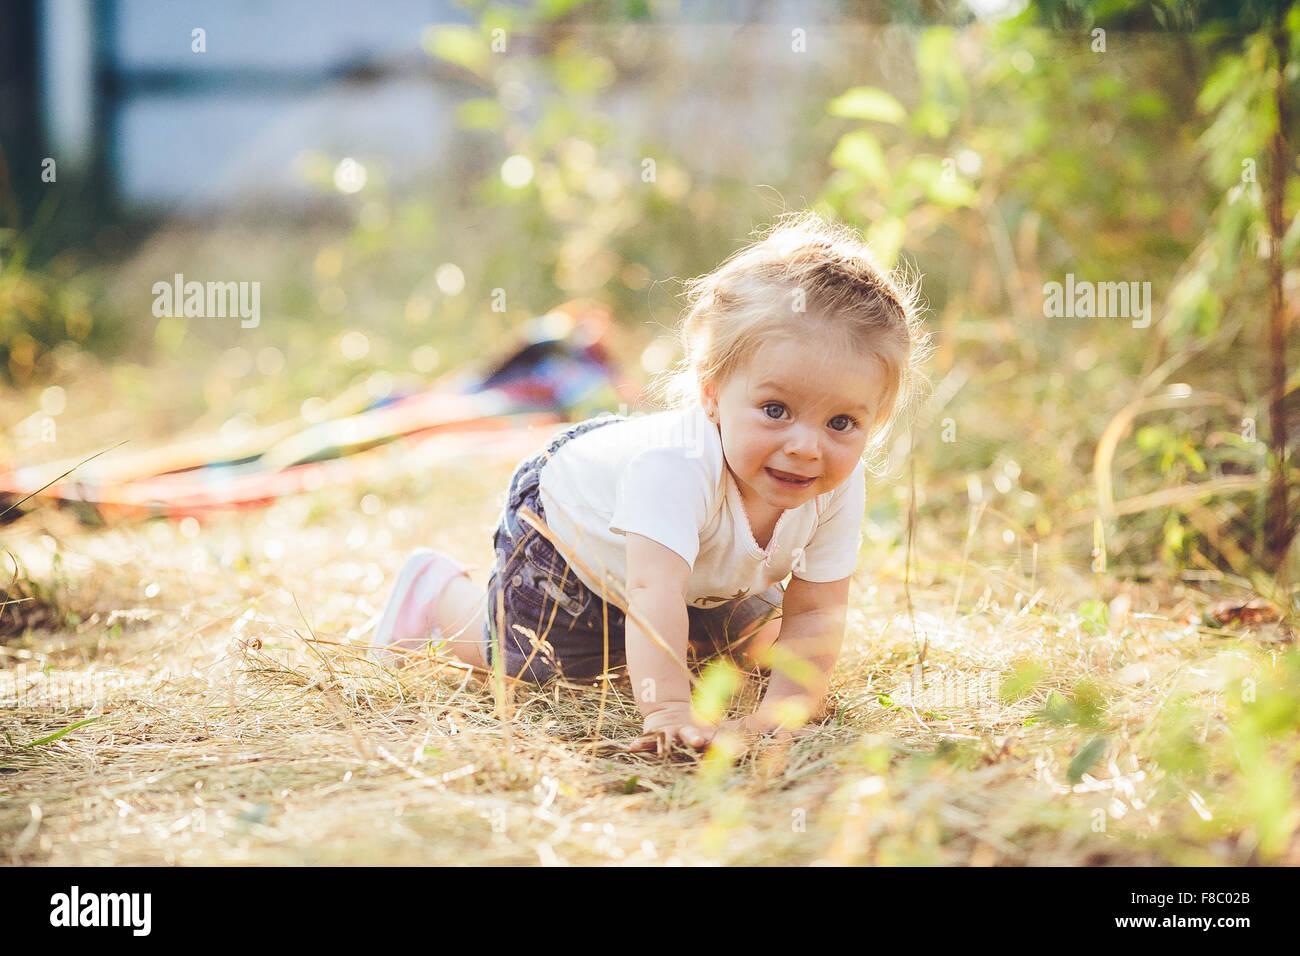 kleines Mädchen auf dem Rasen krabbeln Stockbild